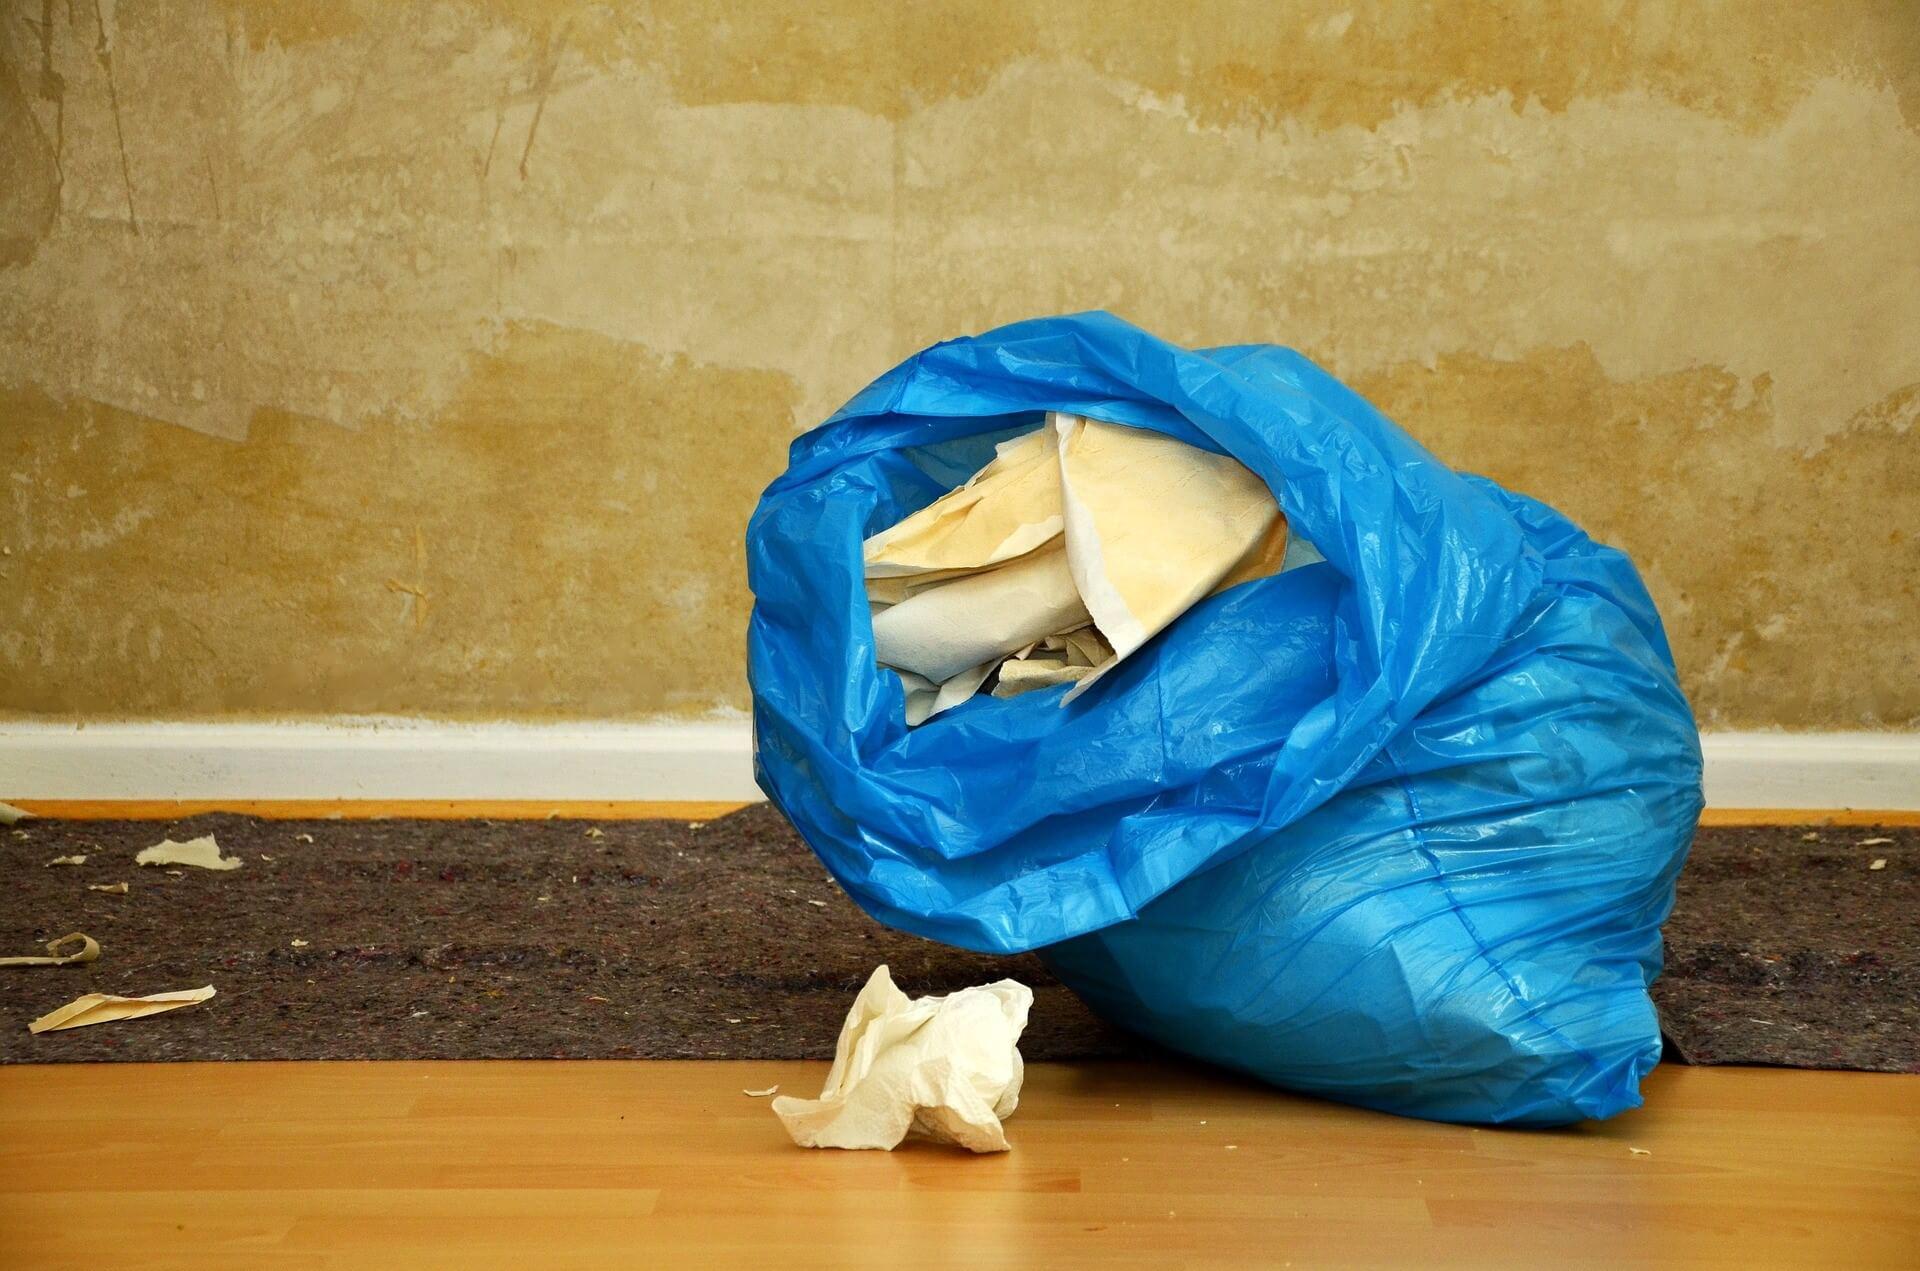 ¿Qué porcentaje de opacidad han de tener las bolsas de basura?